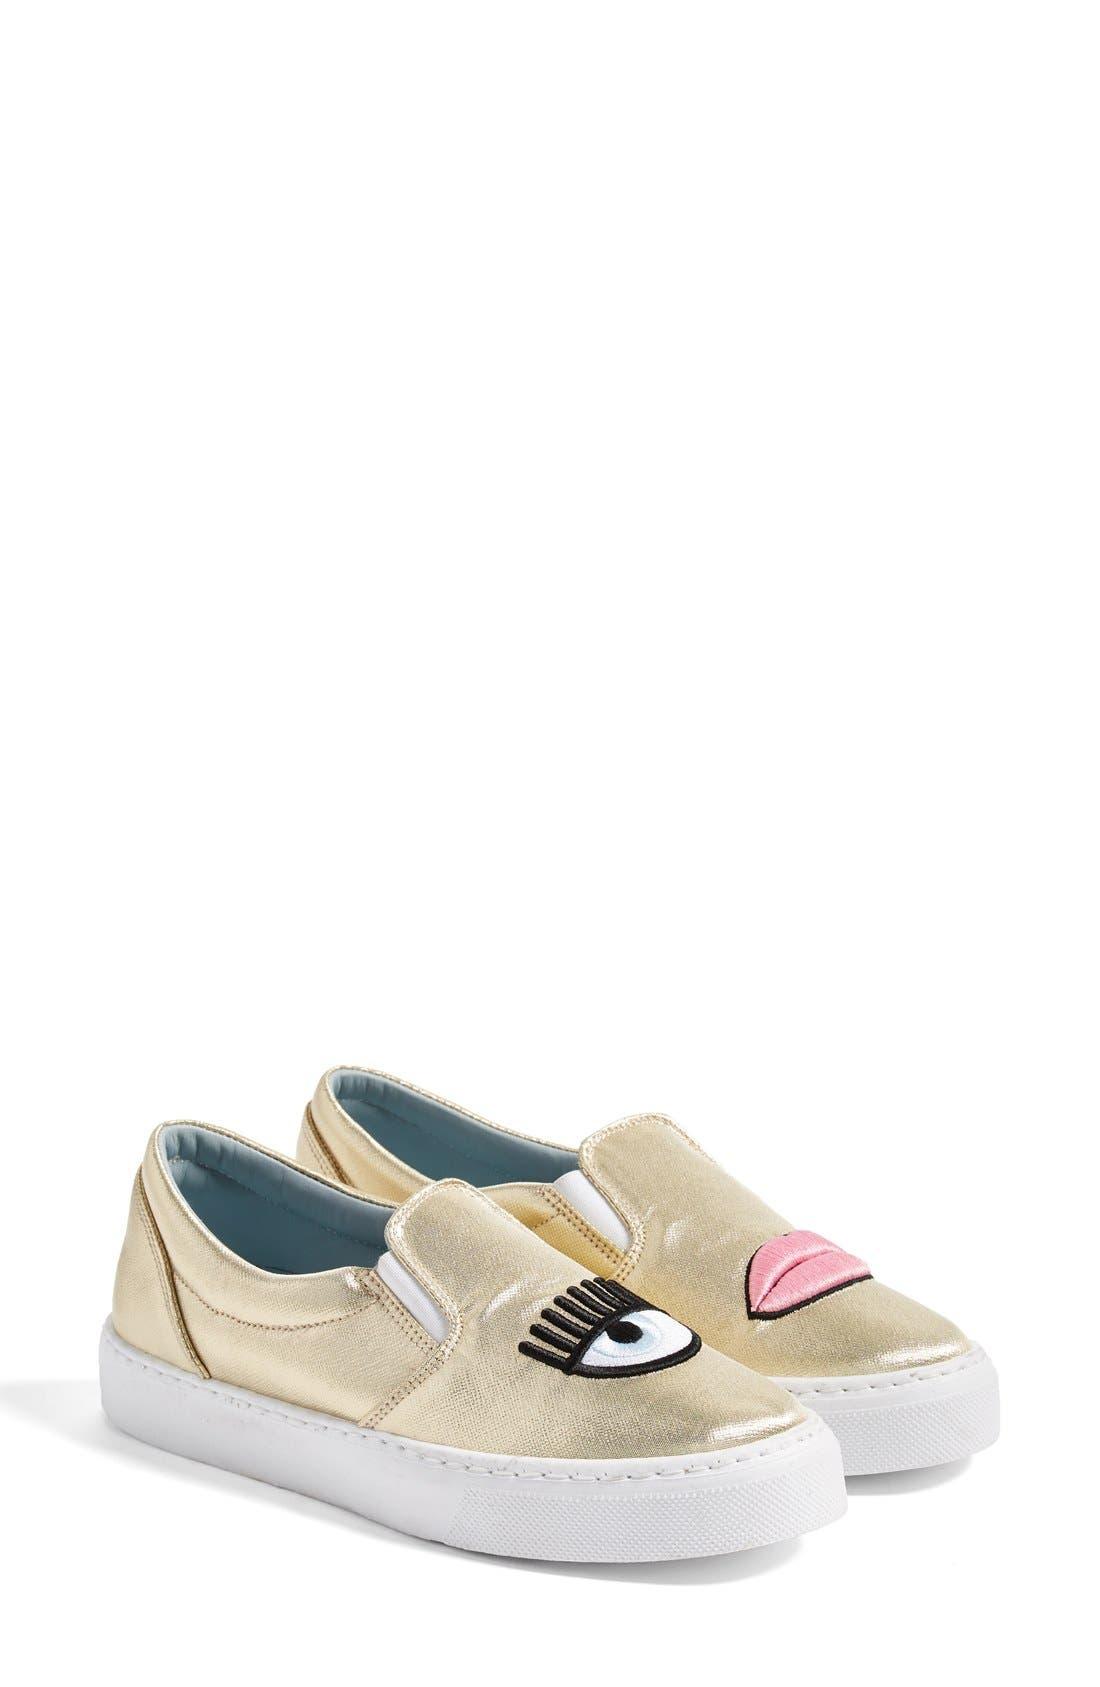 Flirting Lips Slip-On Sneaker,                             Alternate thumbnail 2, color,                             710